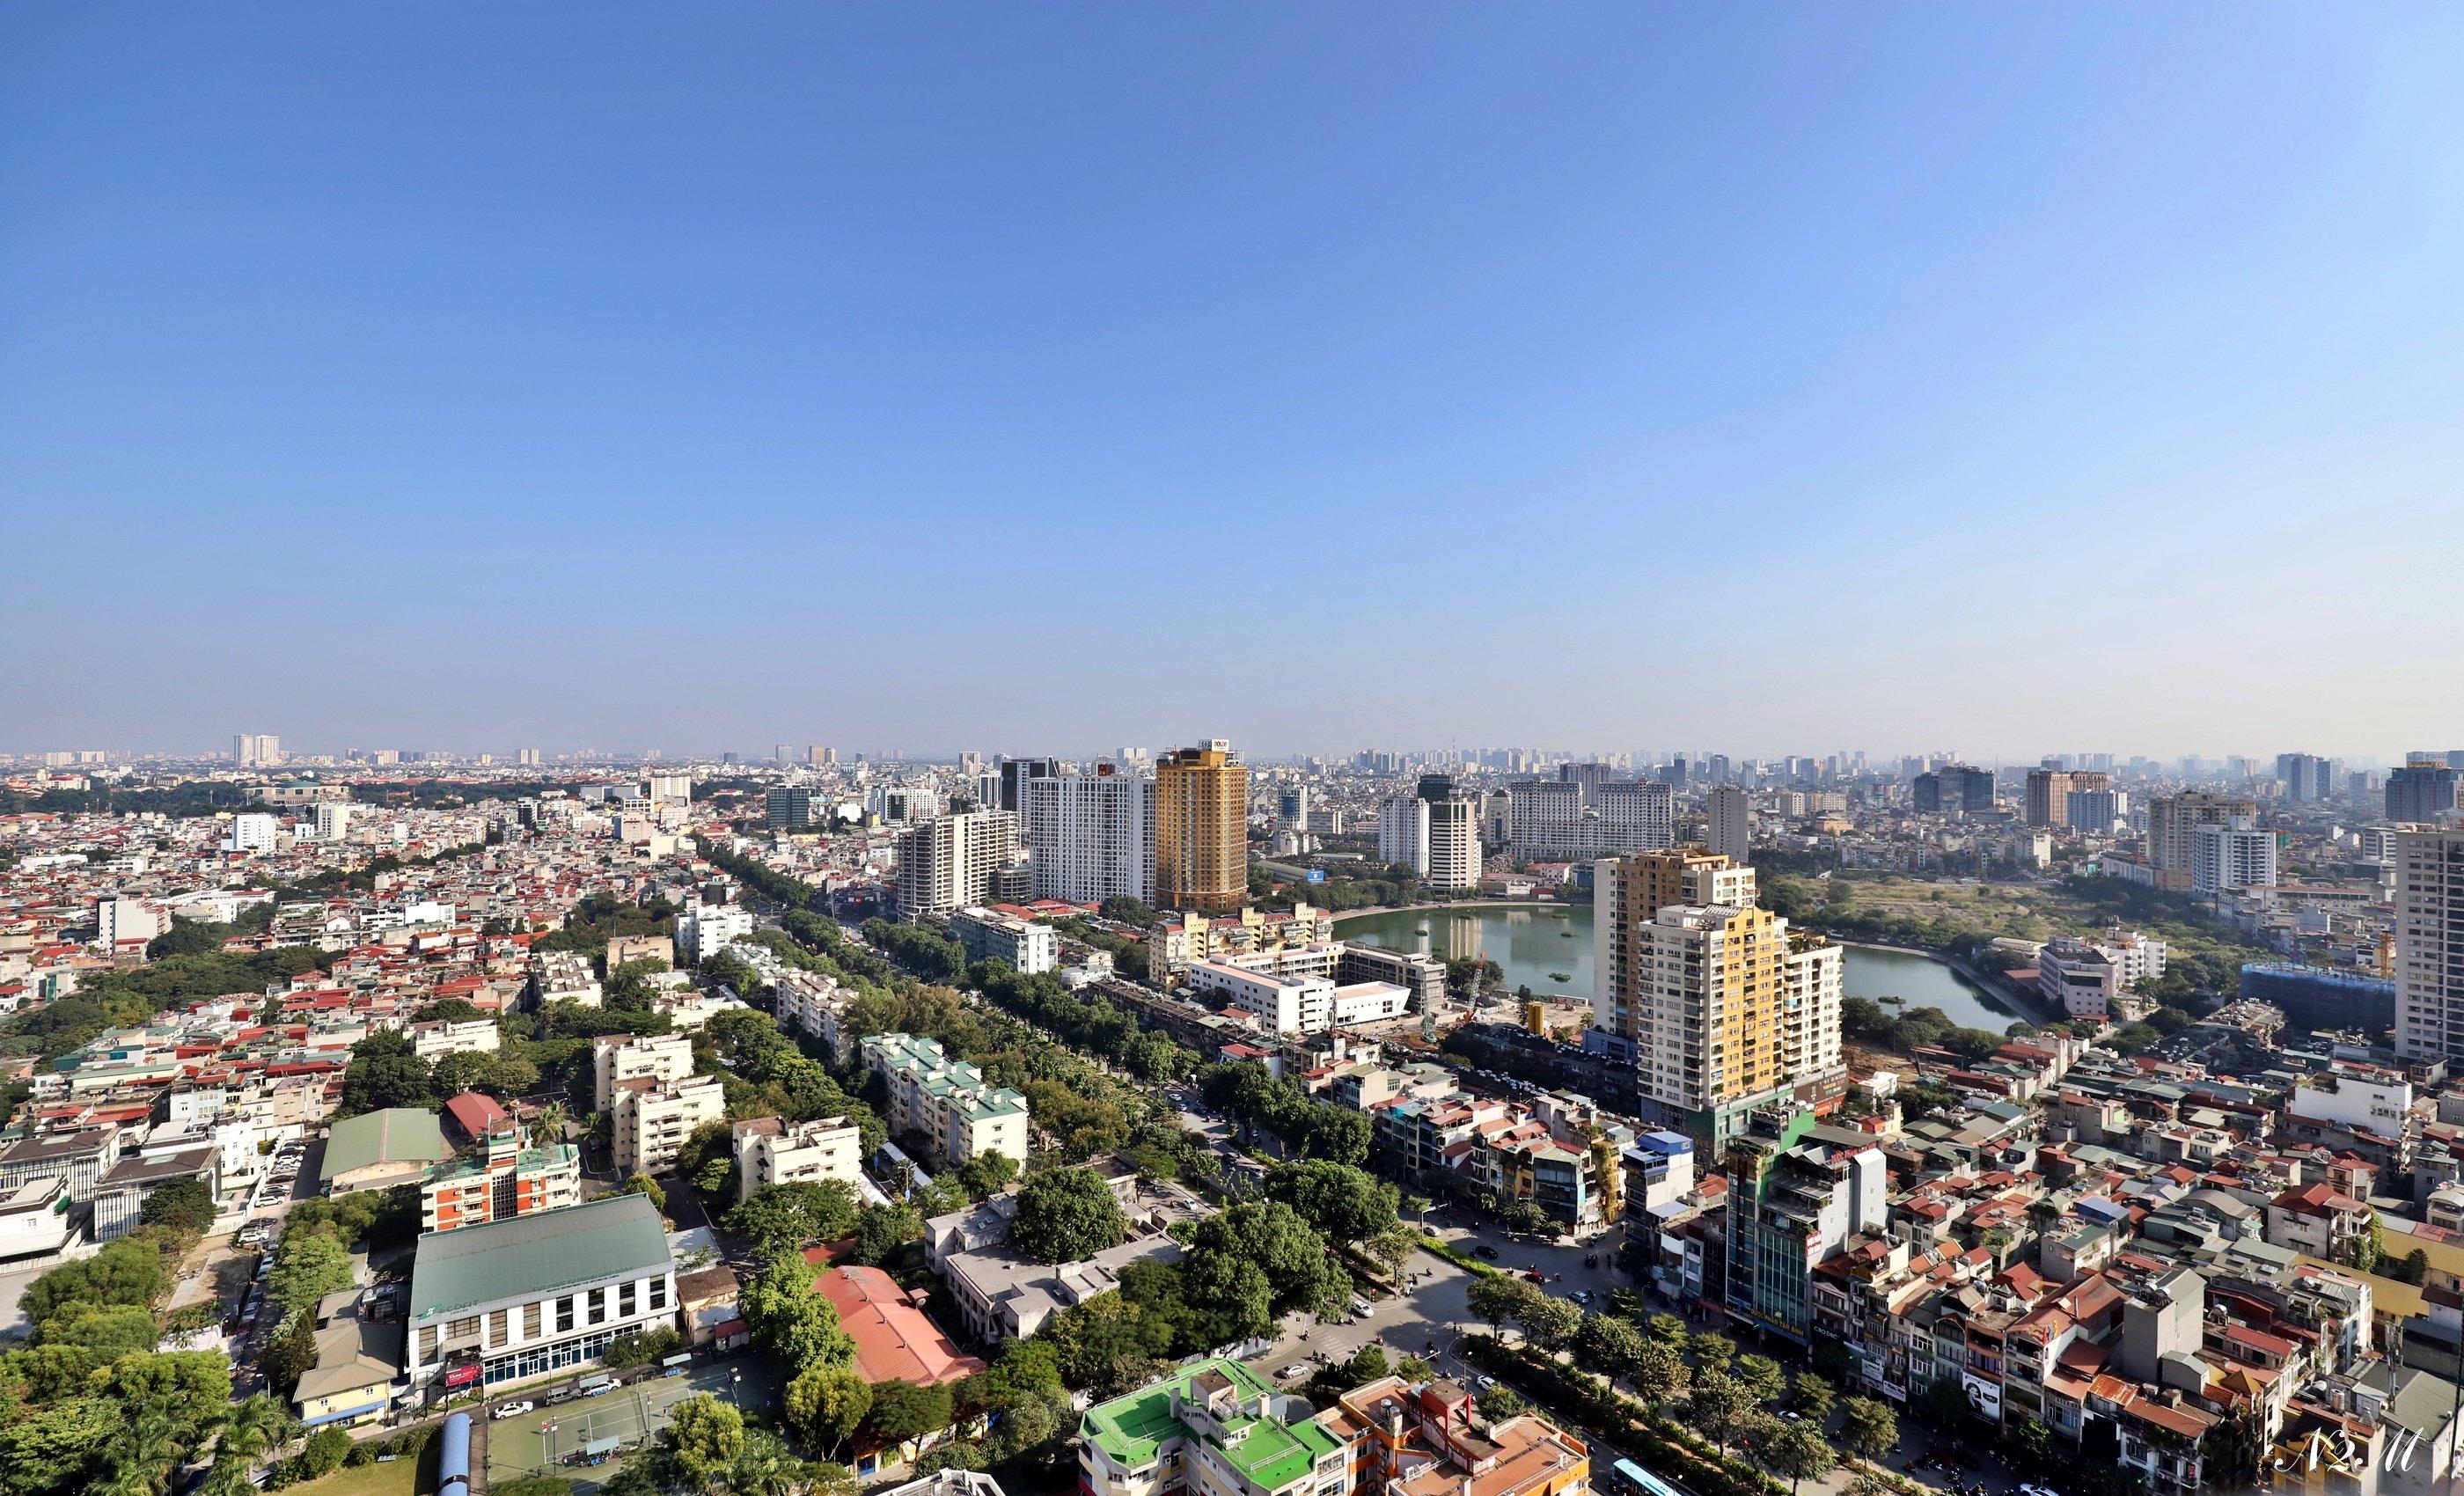 Cho Thuê Căn Hộ Chung Cư Vinhomes Metropolis Hà Nội